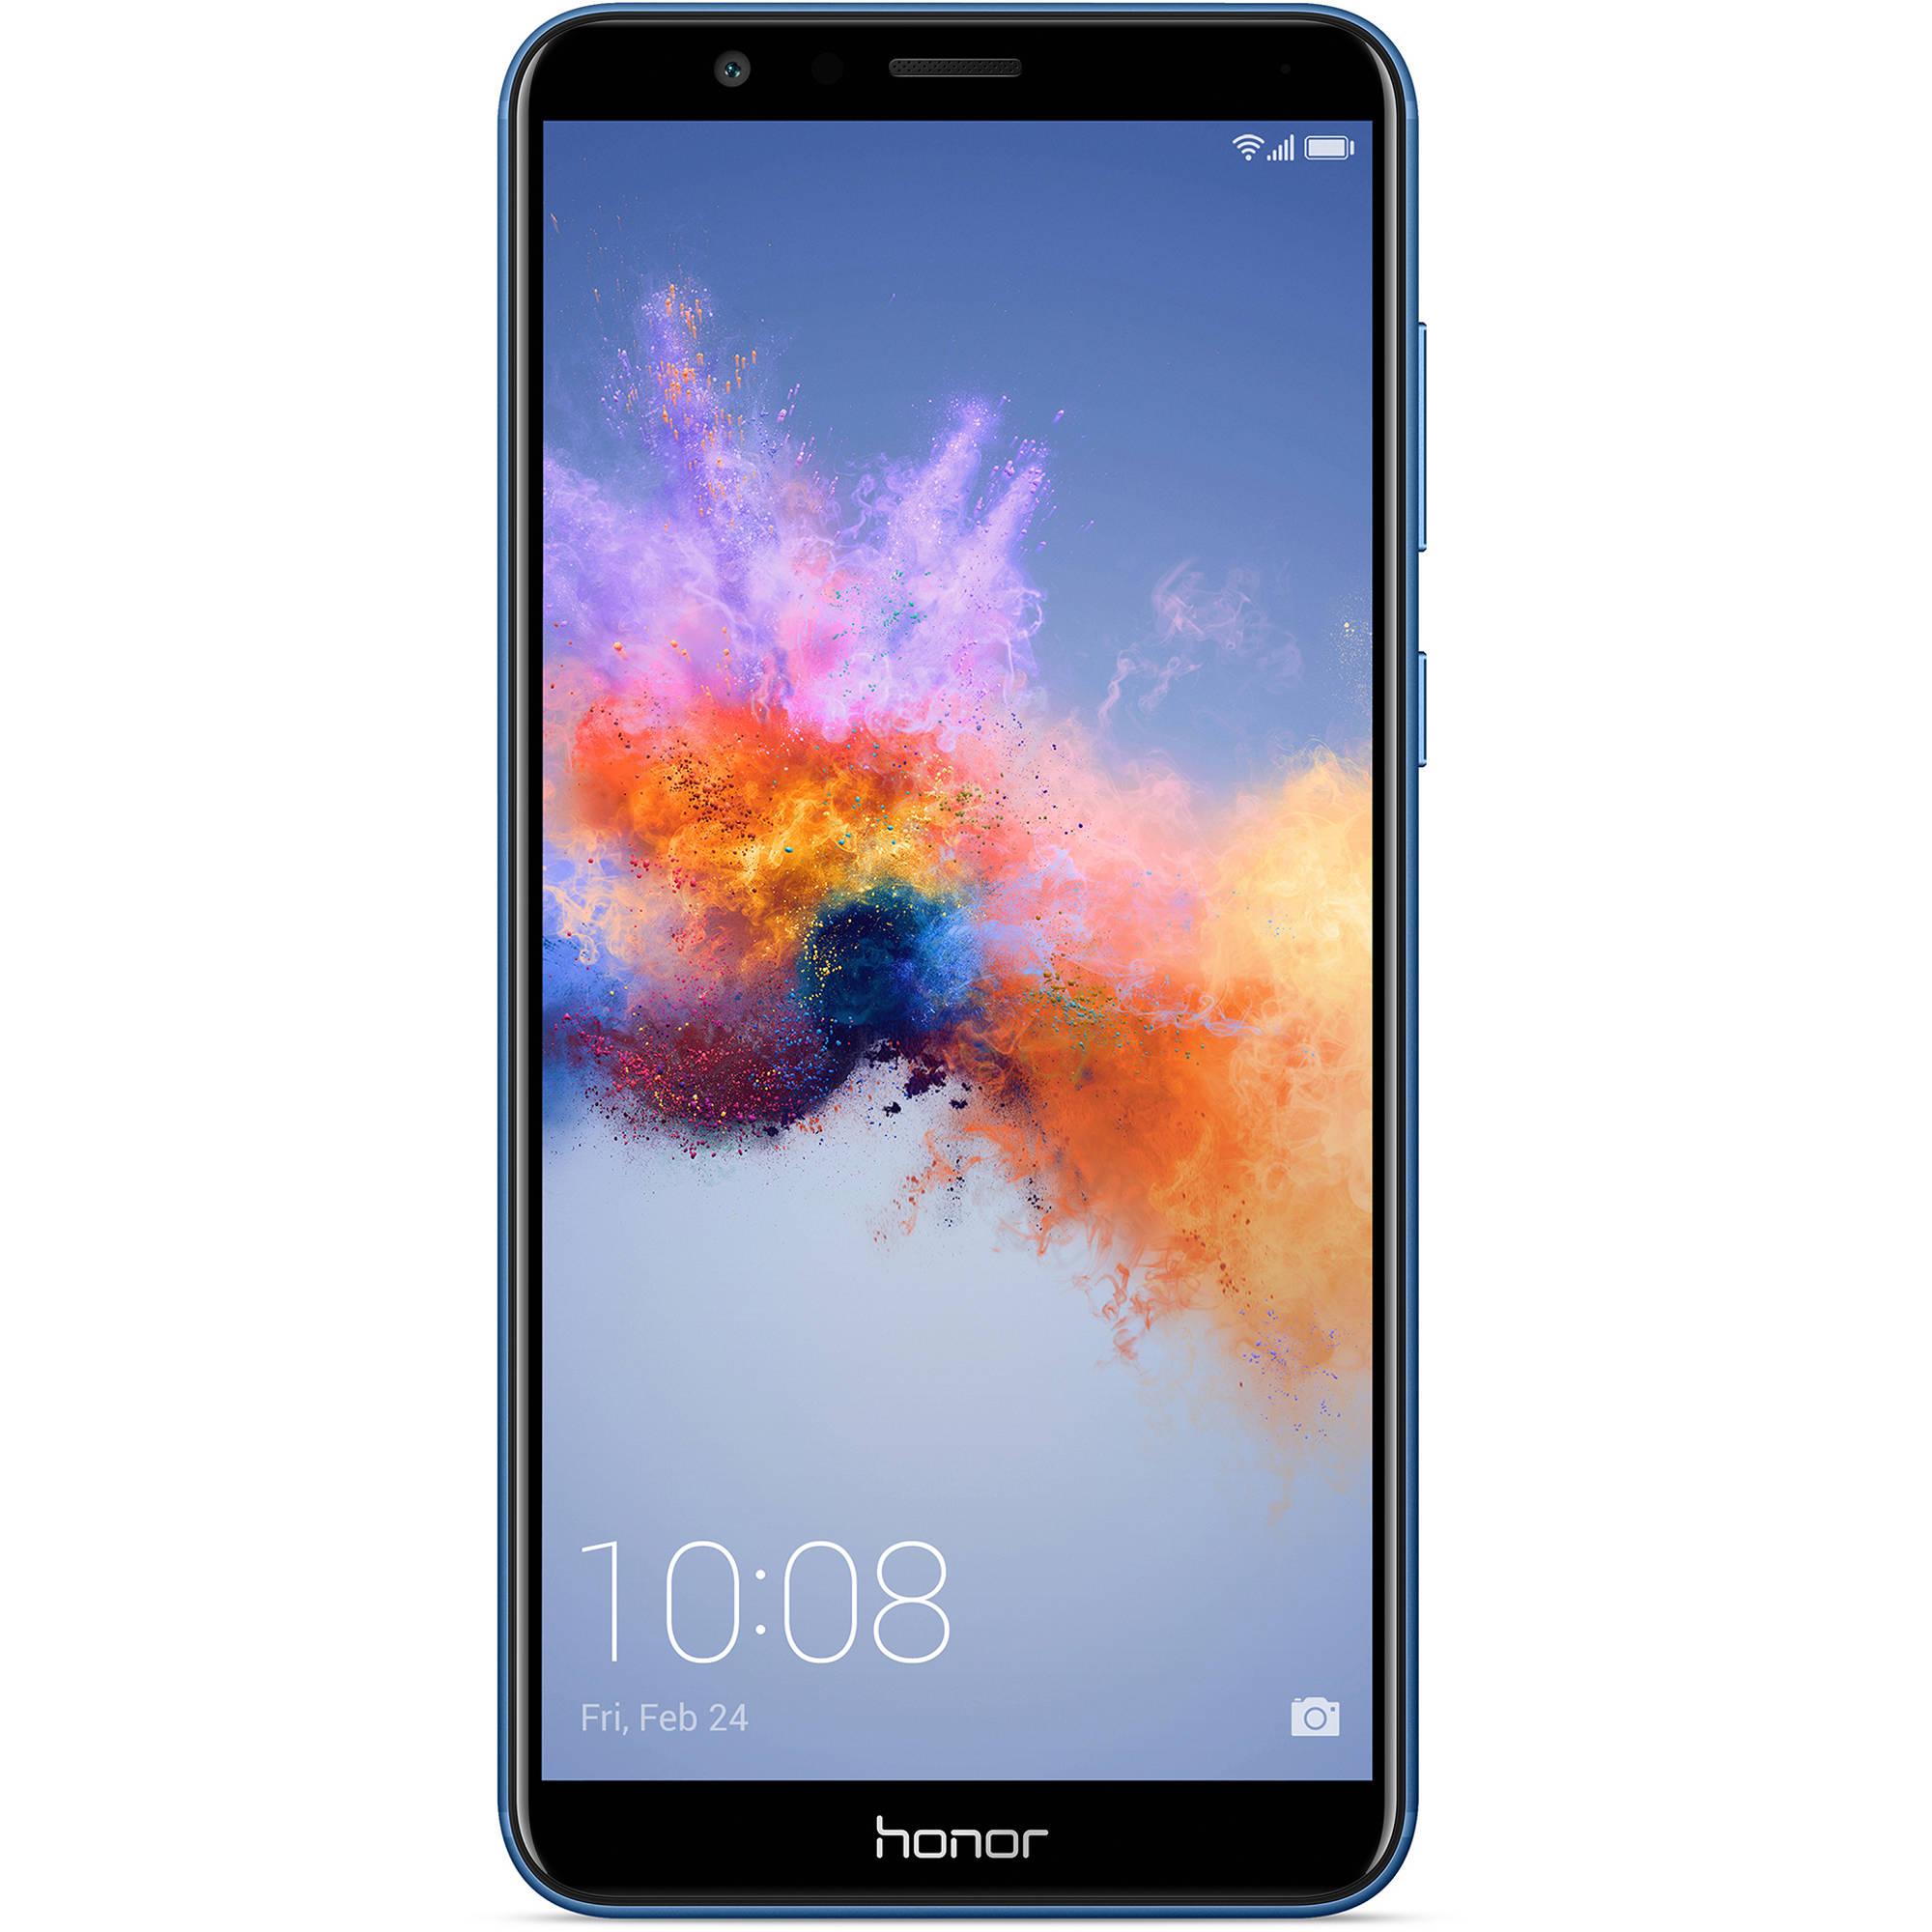 honor 7X L24 32GB Smartphone (Unlocked, Blue)